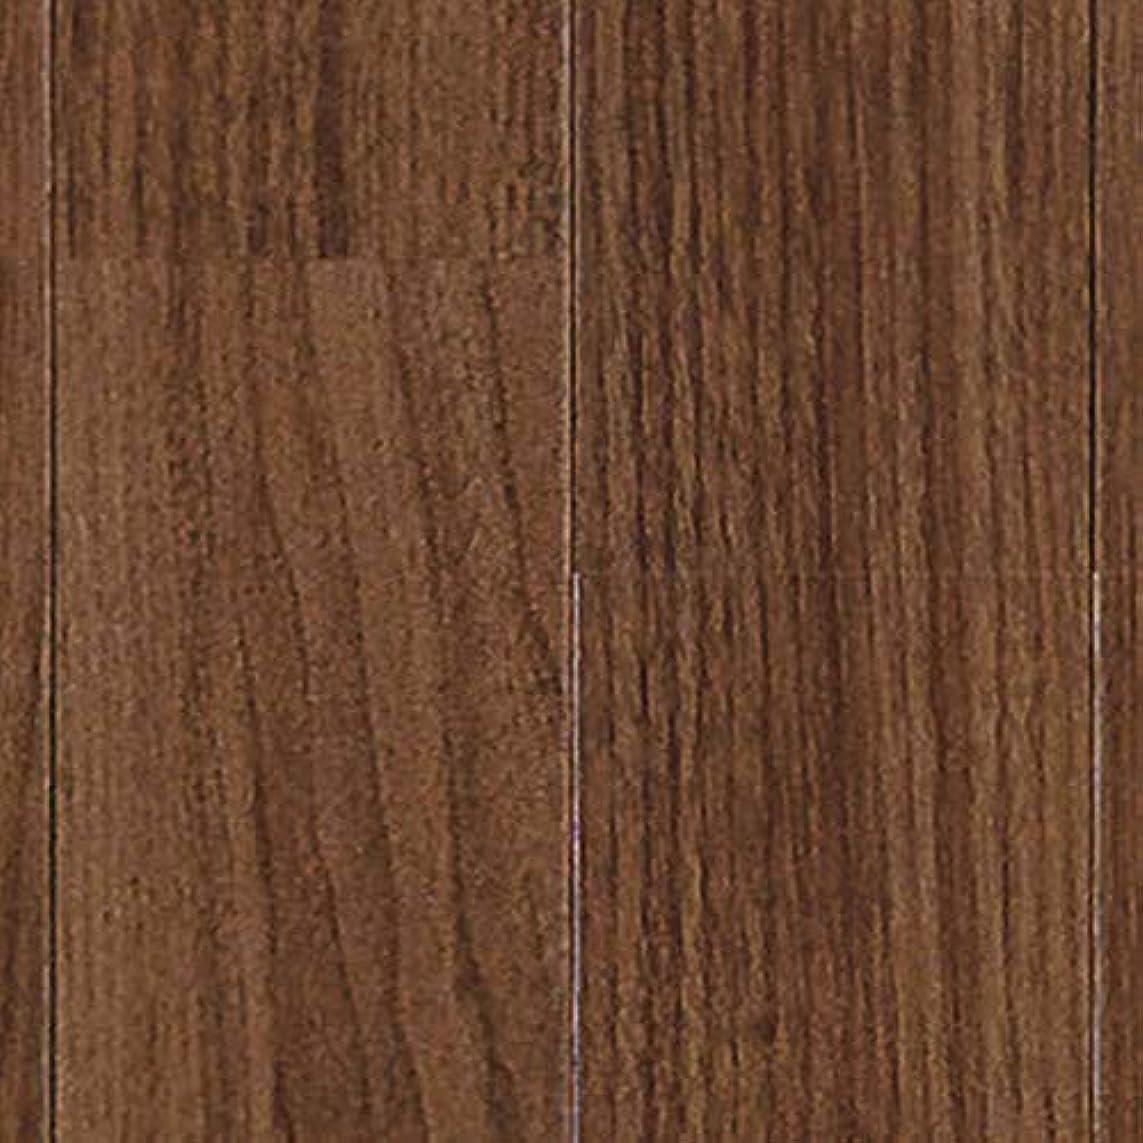 組み合わせる国民旋回クッションフロア ウォールナット 切売り sincf-wallnat-182 (Sin) 182cm幅×5m E2204 (ダークブラウン) 木目 ブラウン 茶色 日本製